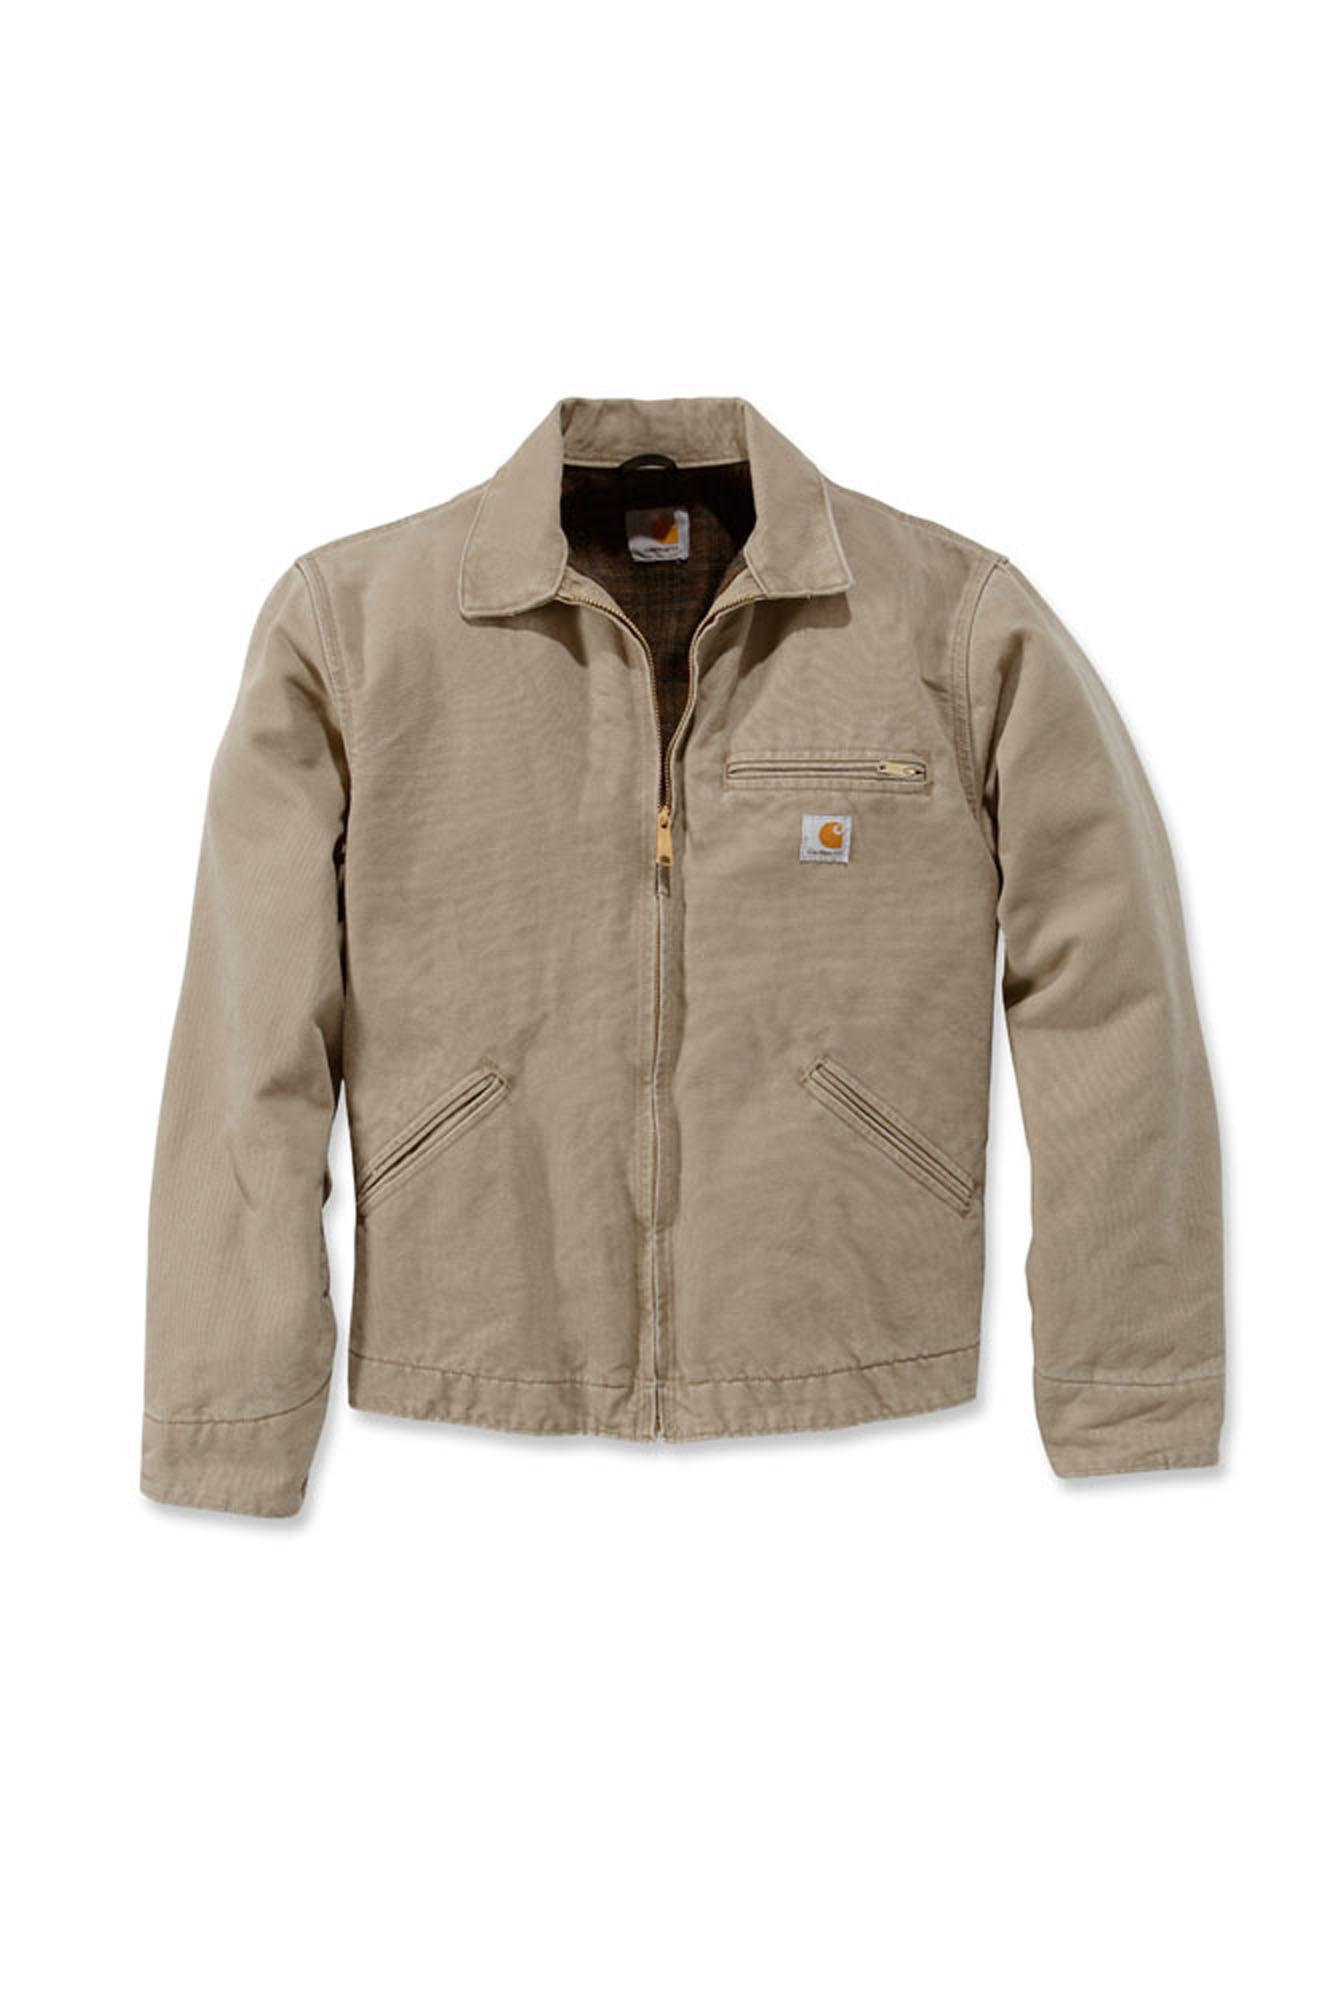 carhartt ej097 sandstone detroit jacket mens new workwear coat ebay. Black Bedroom Furniture Sets. Home Design Ideas